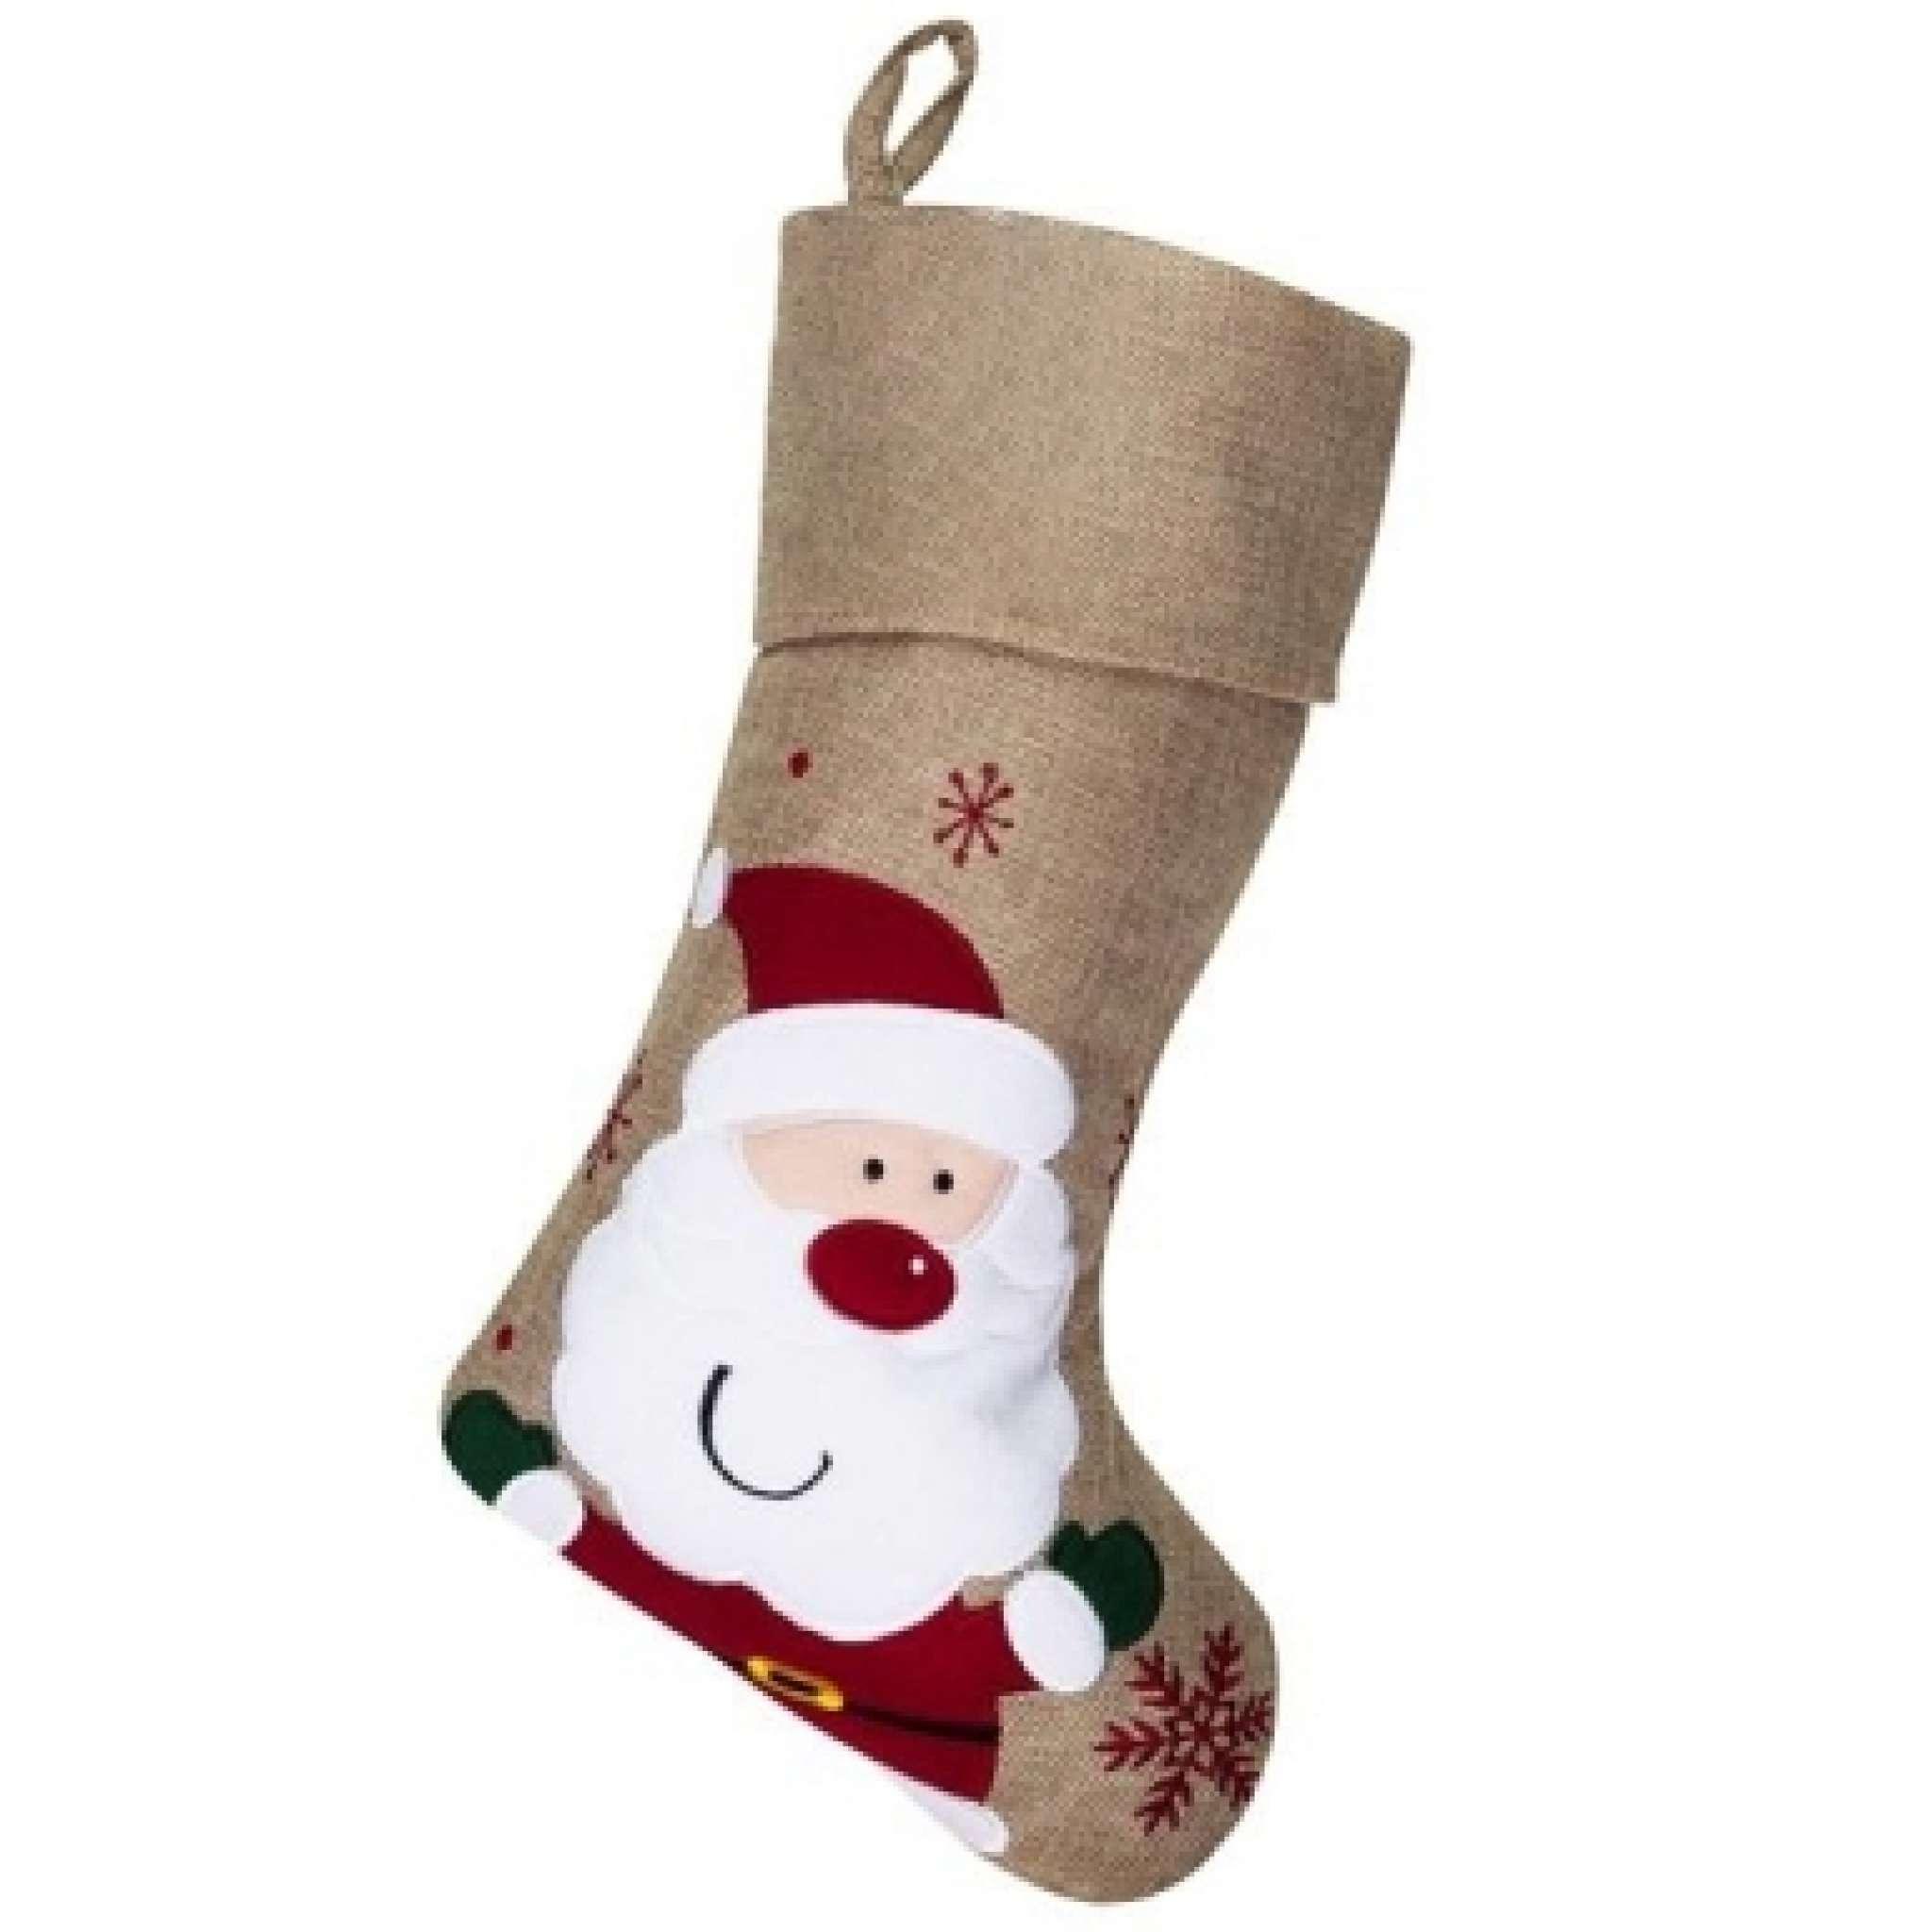 Weihnachtsstrumpf Premium mit Weihnachtsmann, naturfarben